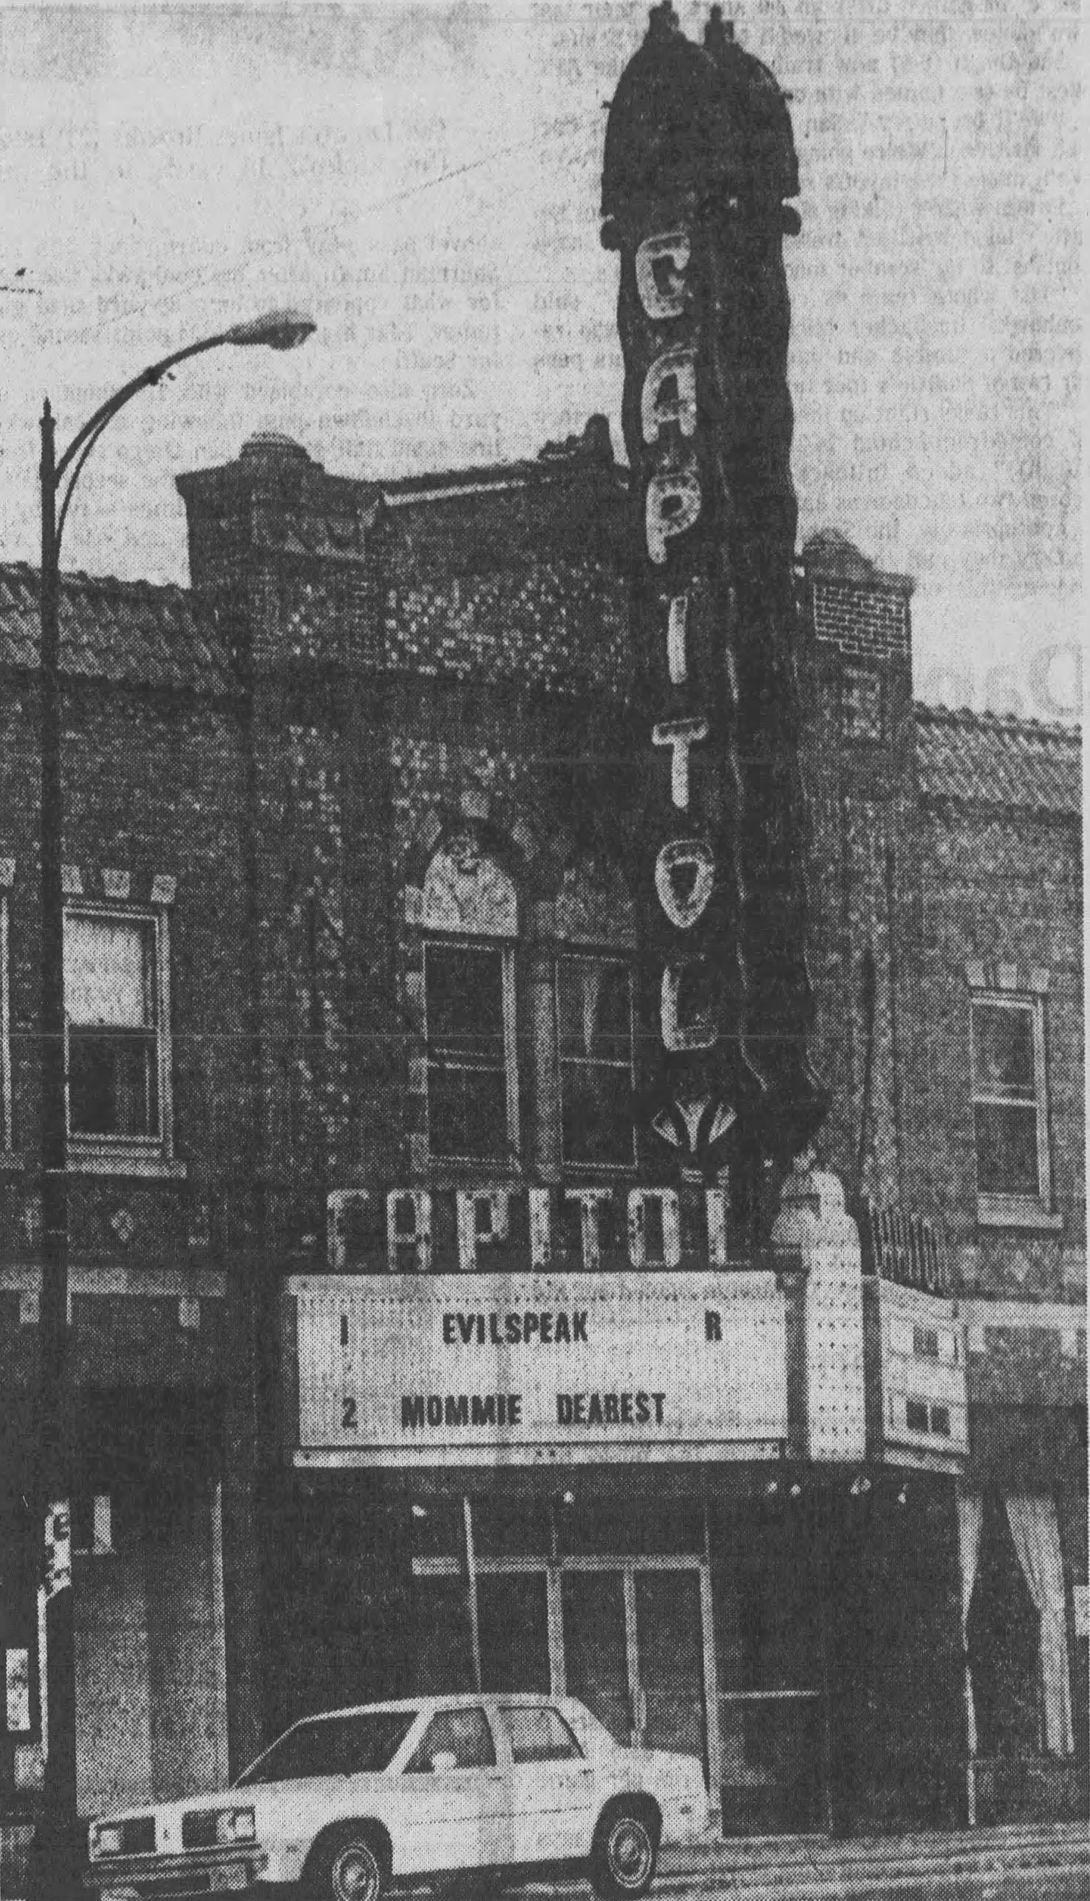 Park (Capitol) theatre